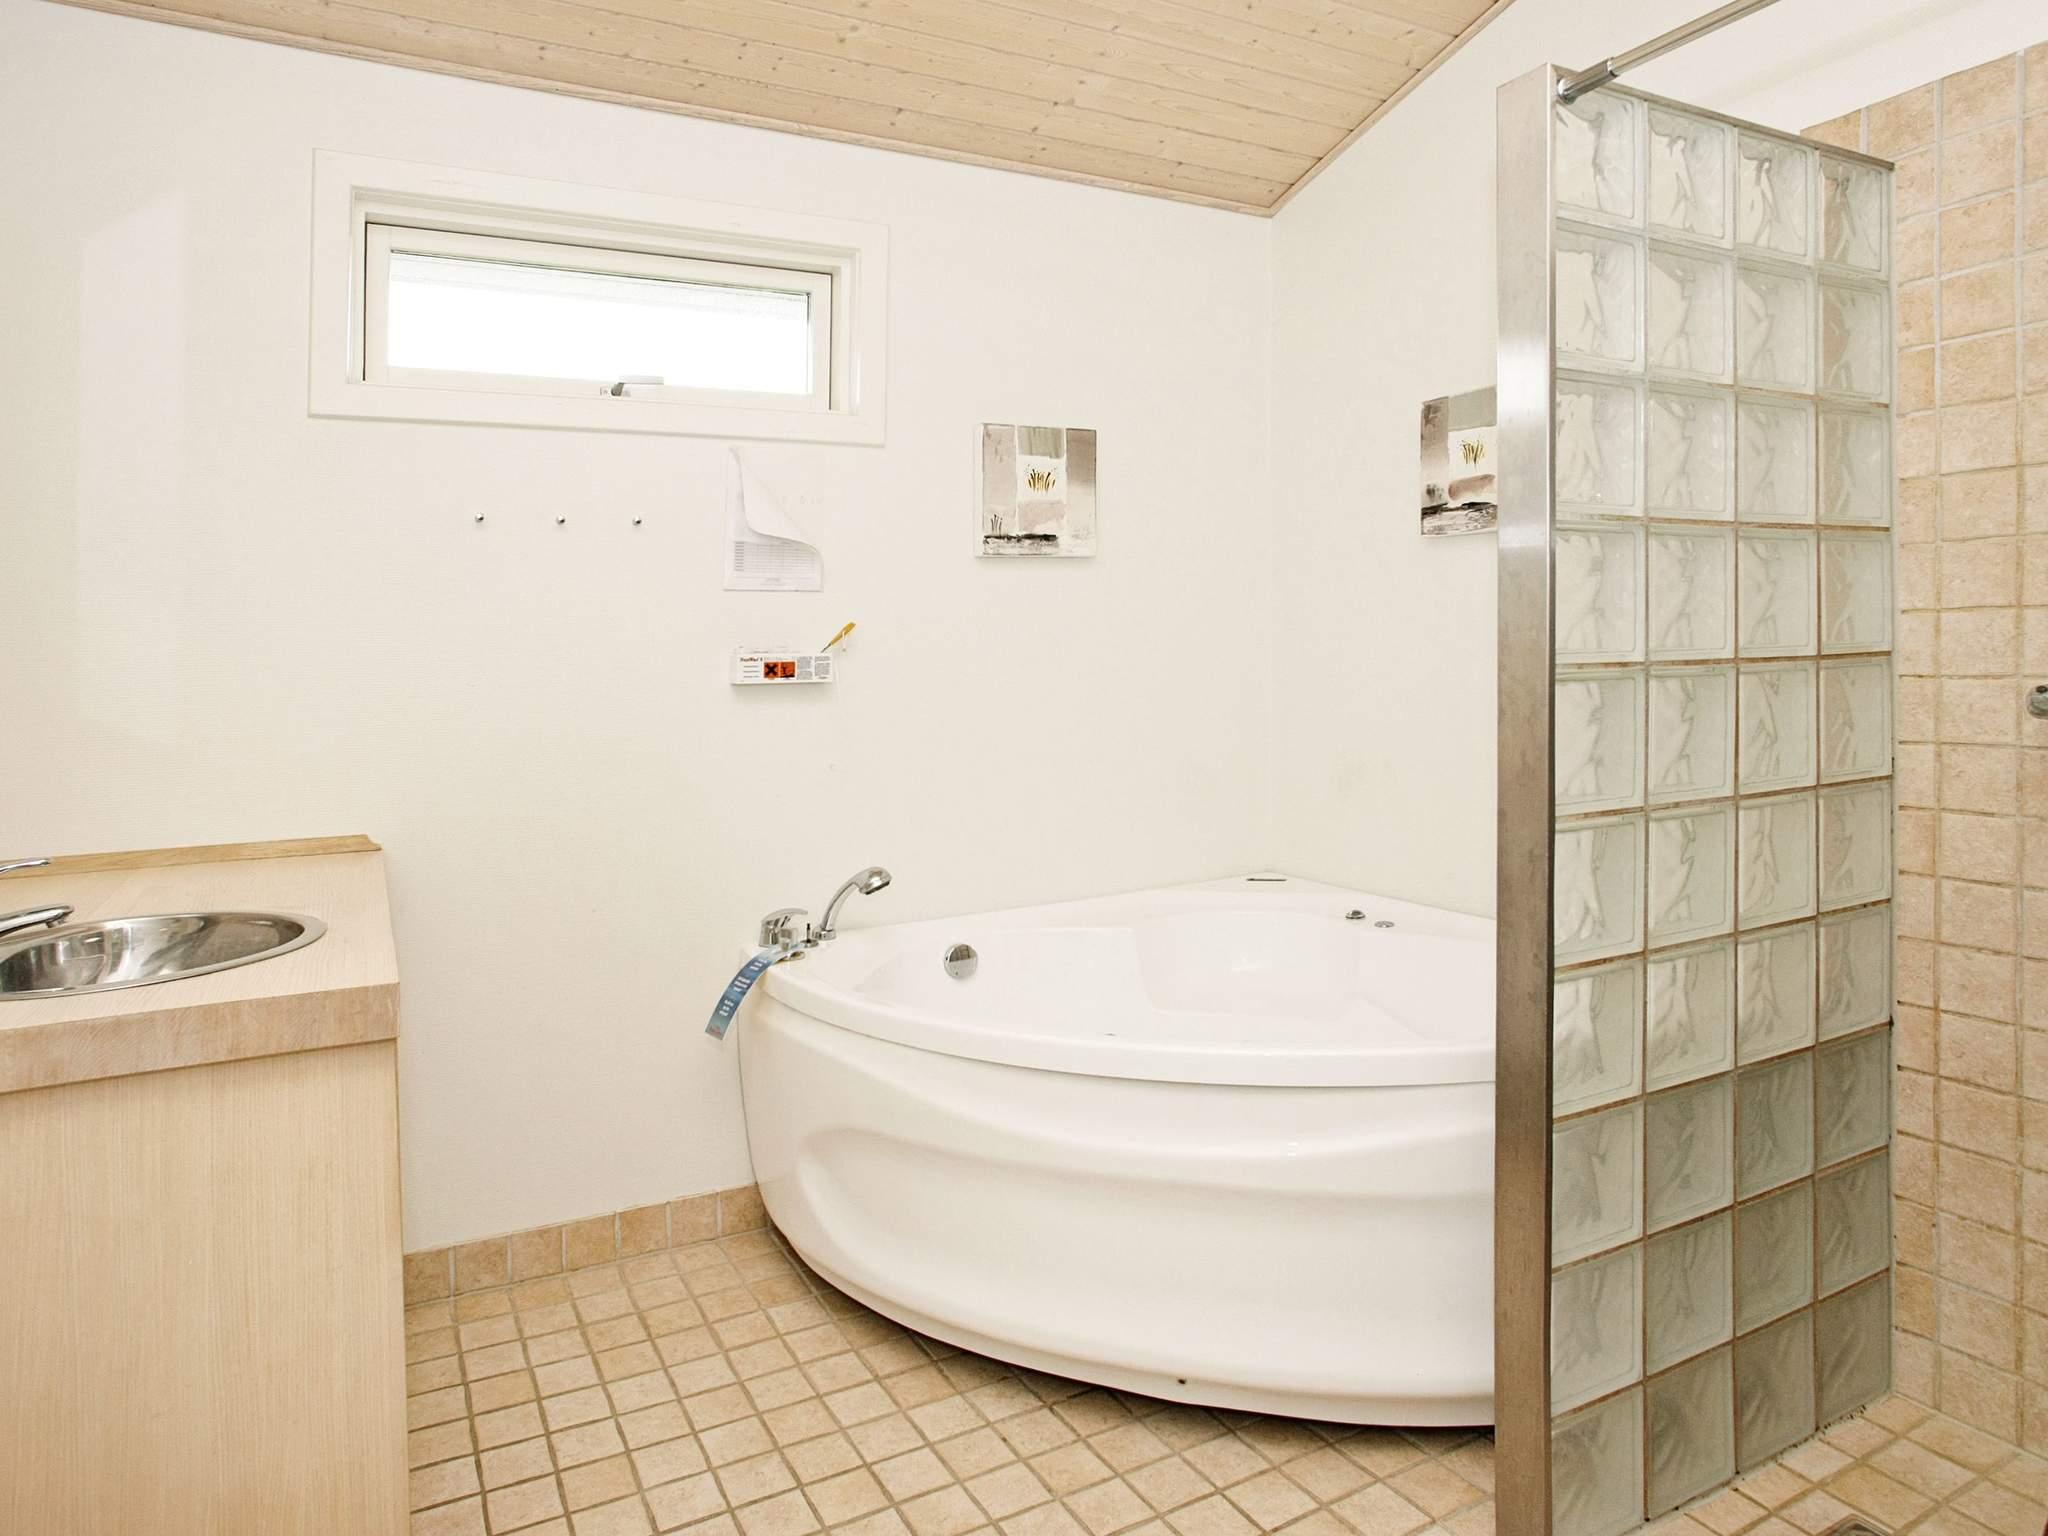 Ferienhaus Hou (377898), Hou, , Nordostjütland, Dänemark, Bild 12